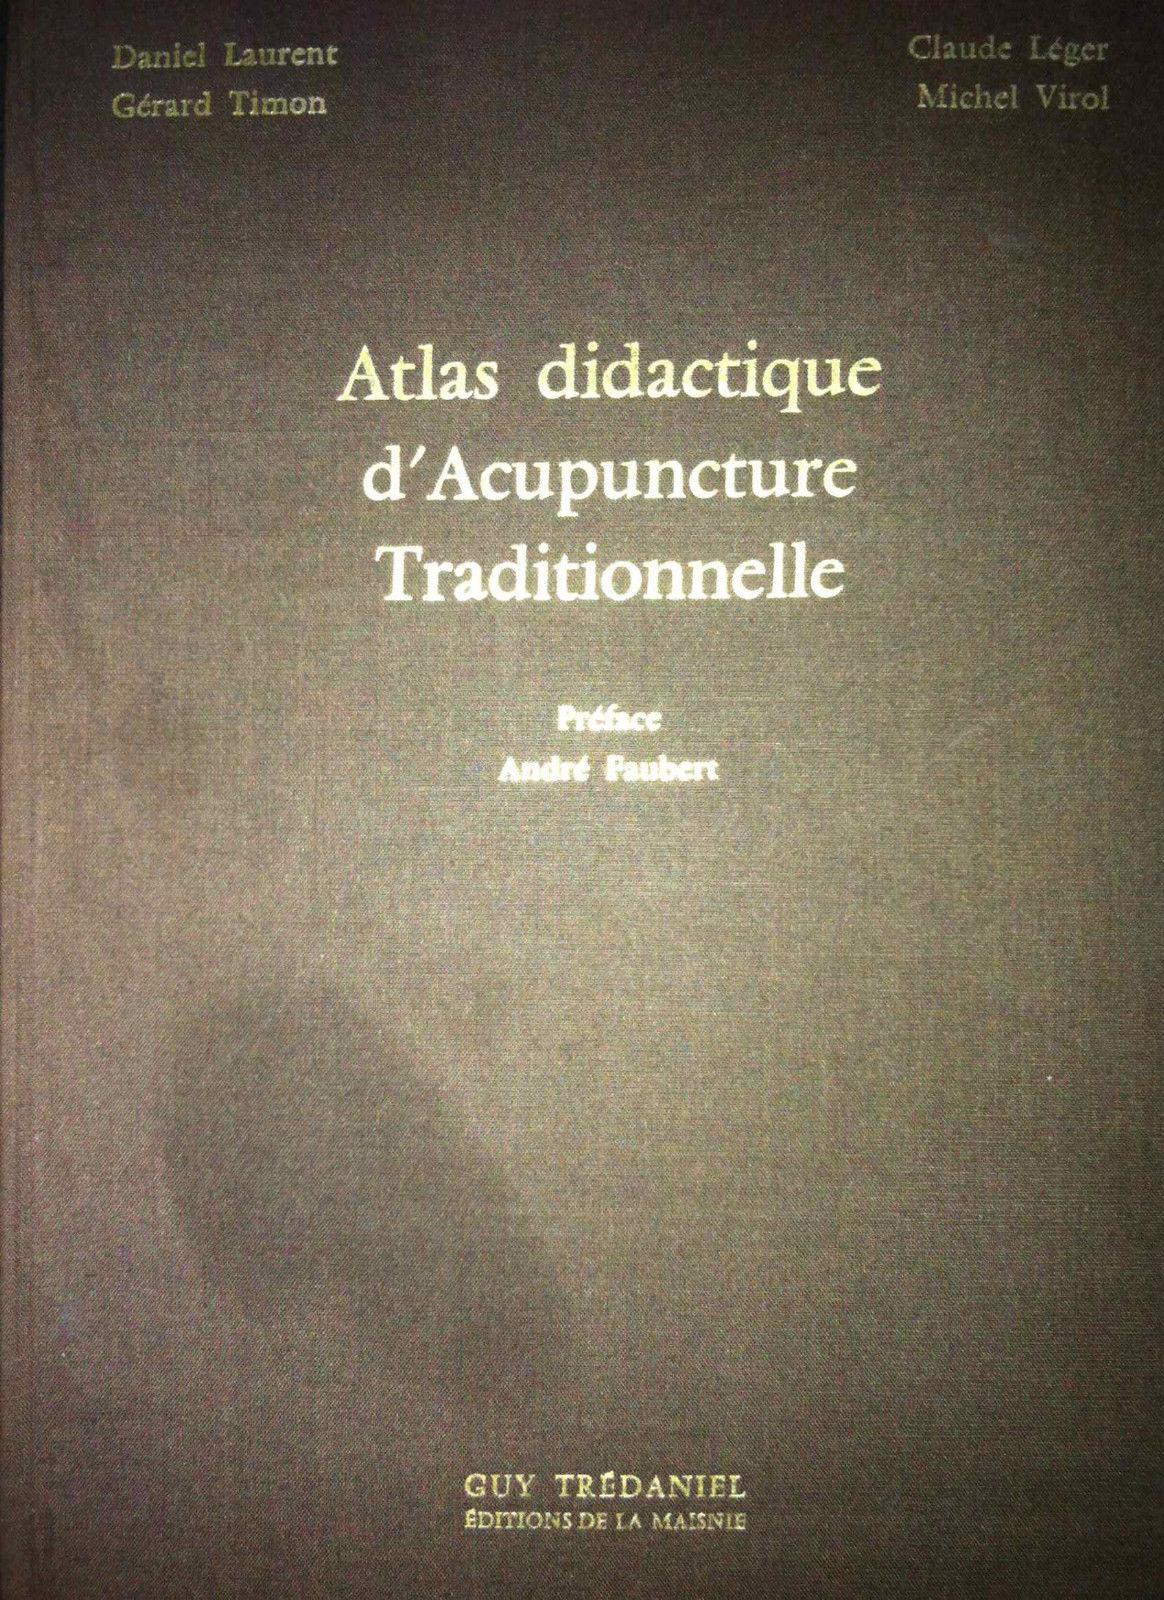 Atlas didactique d'acupuncture traditionnelle